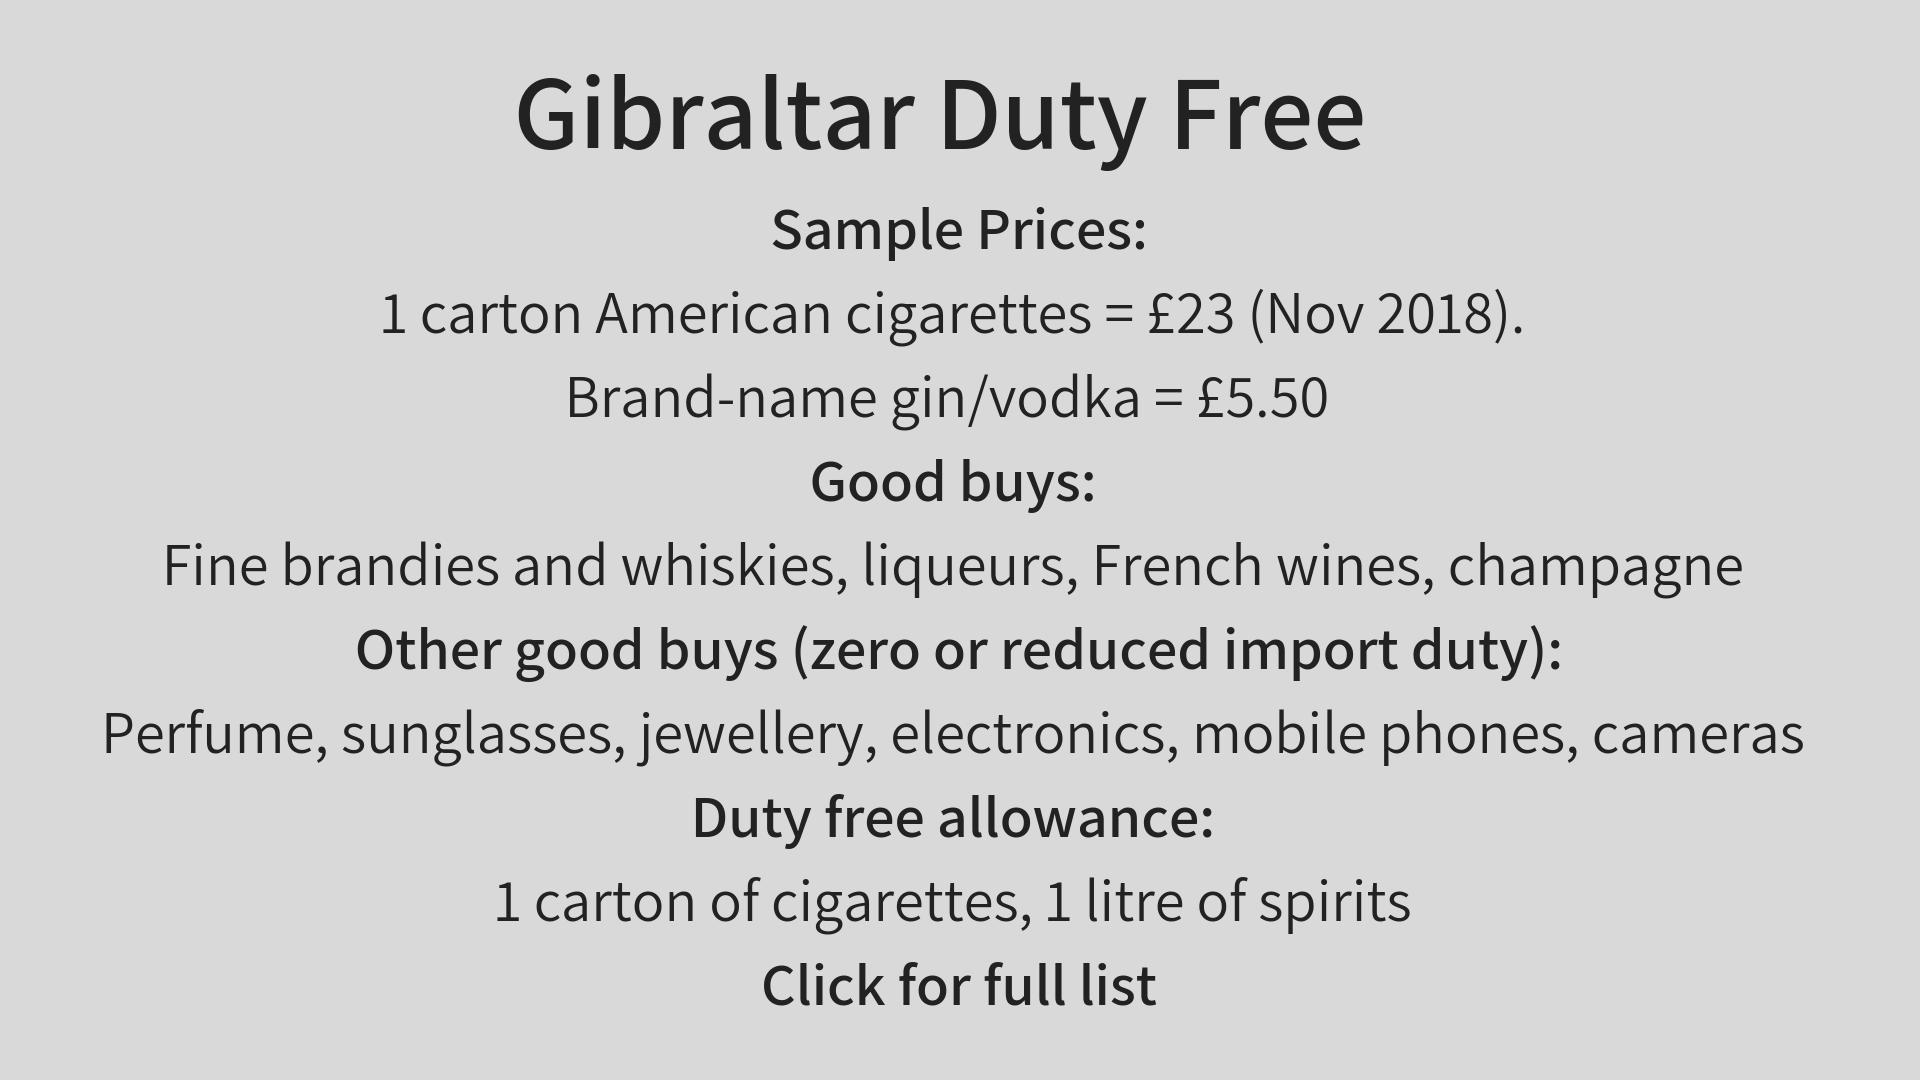 gibraltar-duty-free-allowance